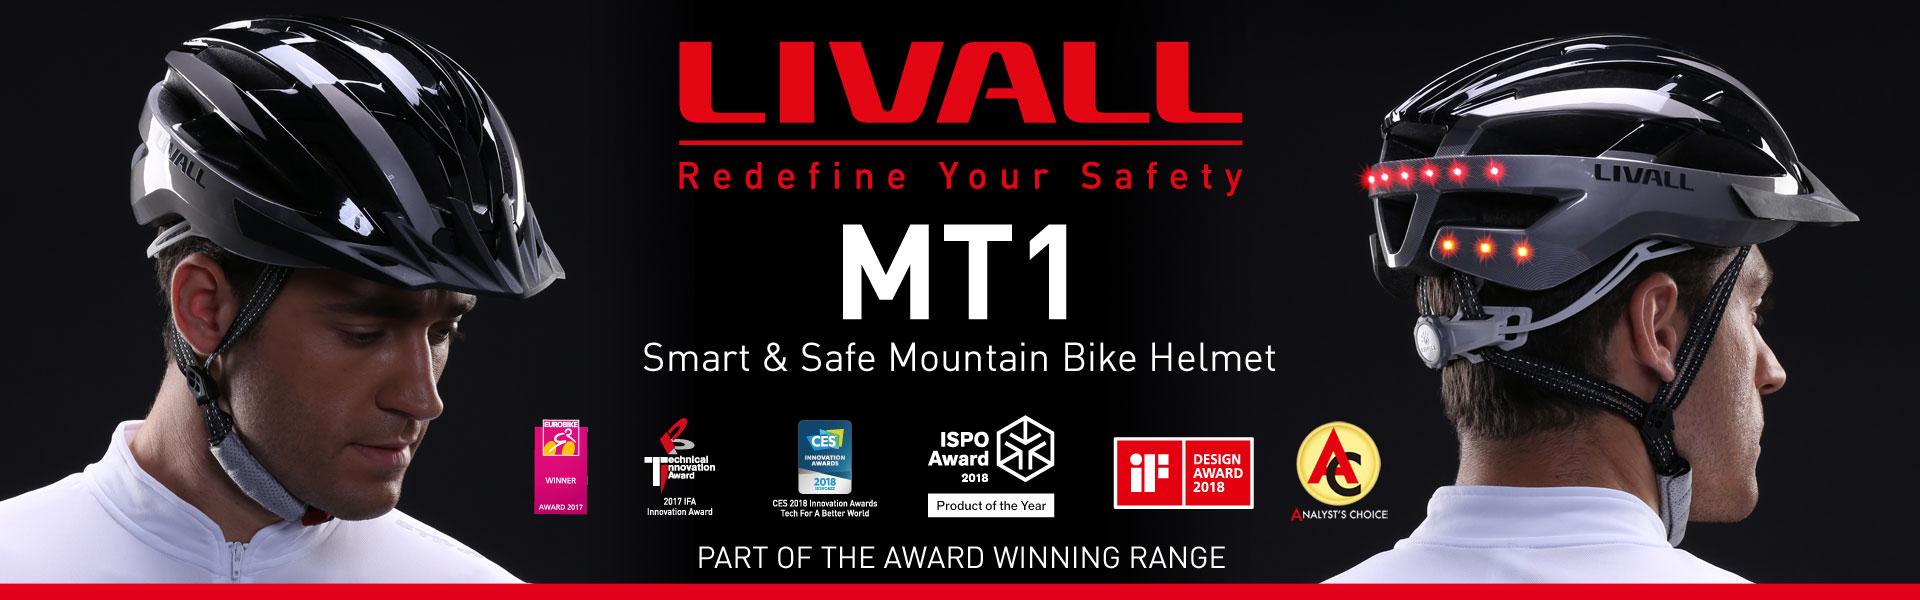 LIVALL MT1 Smart Helmet Banner